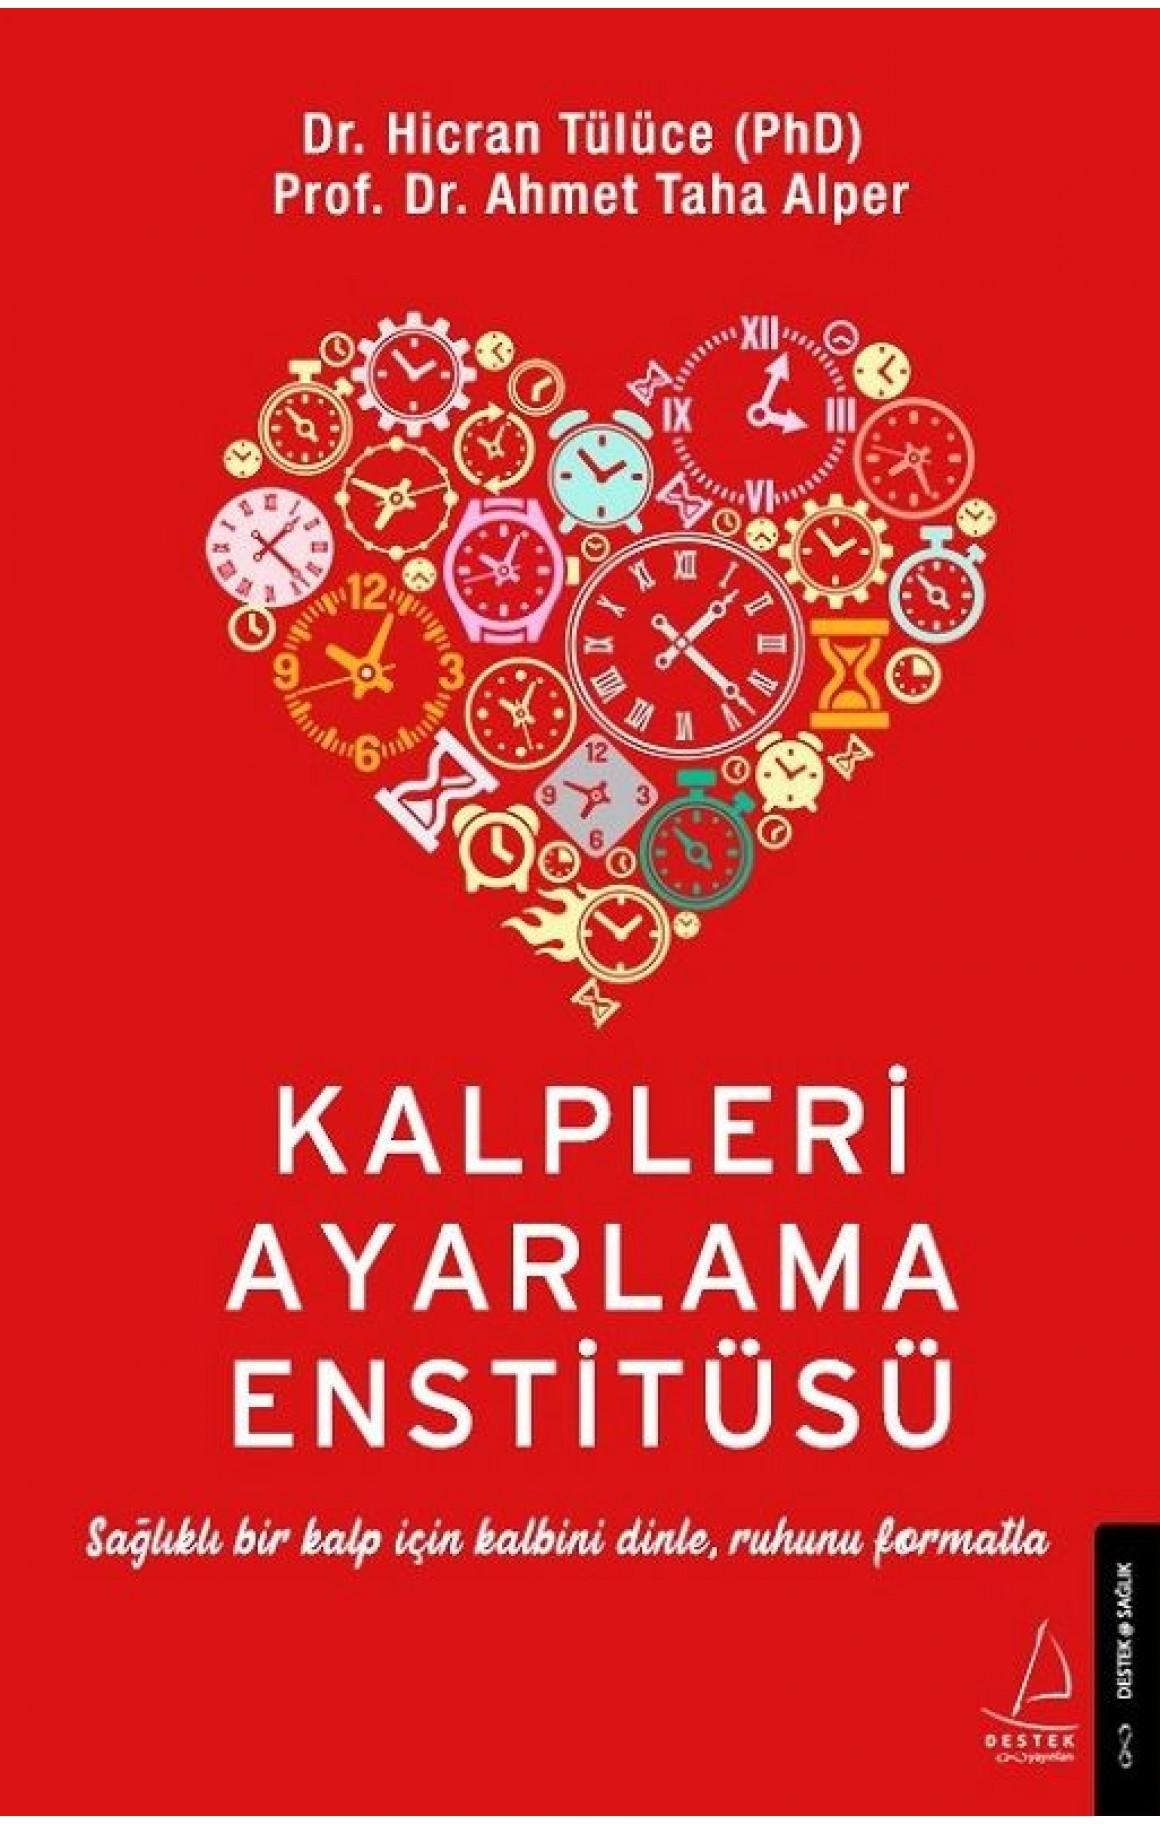 Kalpleri Ayarlama Enstitüsü